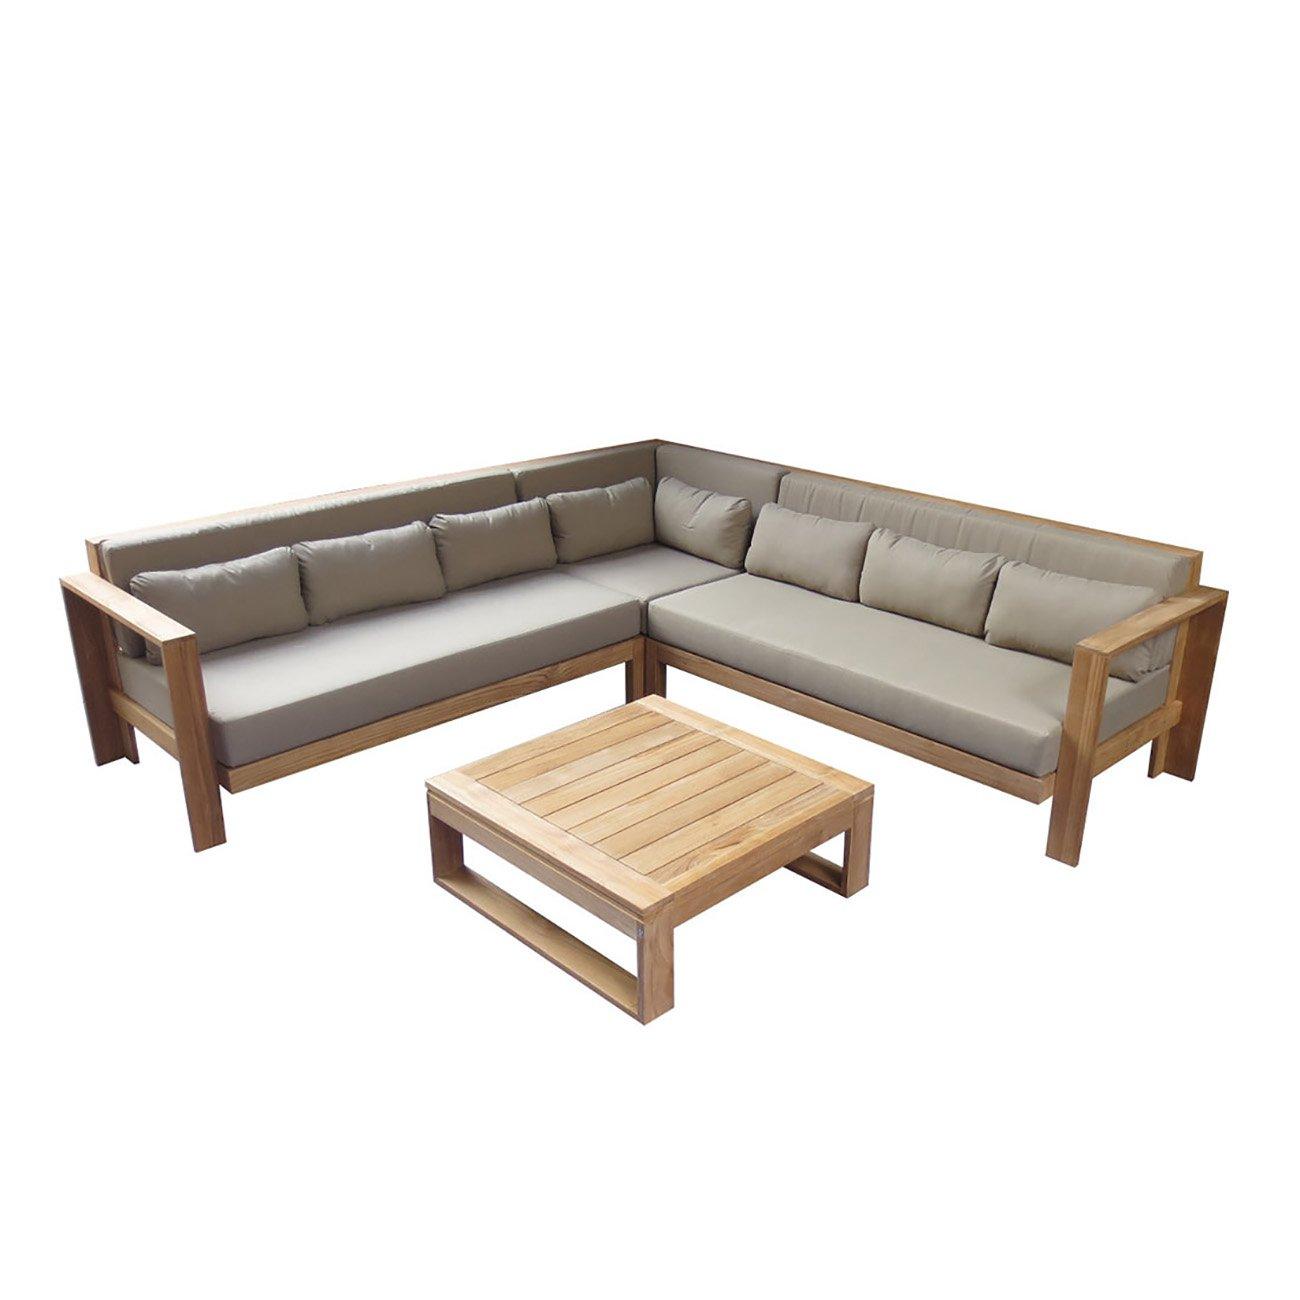 Full Size of Garten Loungemöbel Holz Günstig Wohnzimmer Outliv Loungemöbel